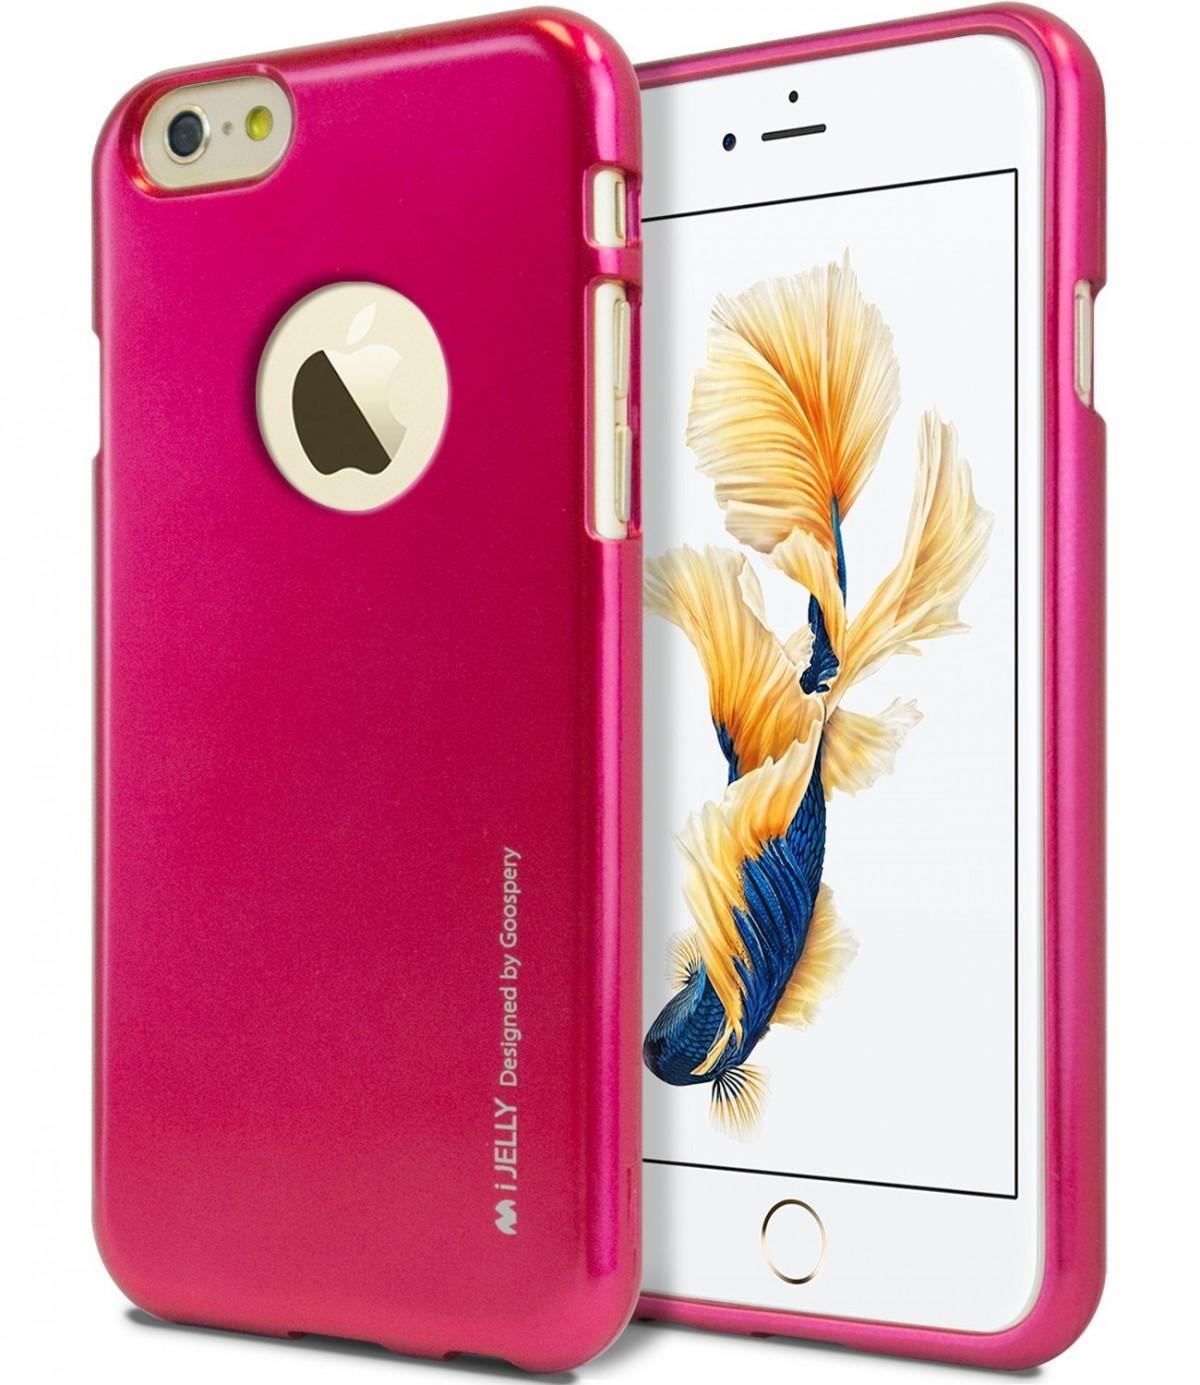 Silikonový obal / kryt iJelly Metal Goospery Apple iPhone 6s Plus / 6 Plus - Růžový